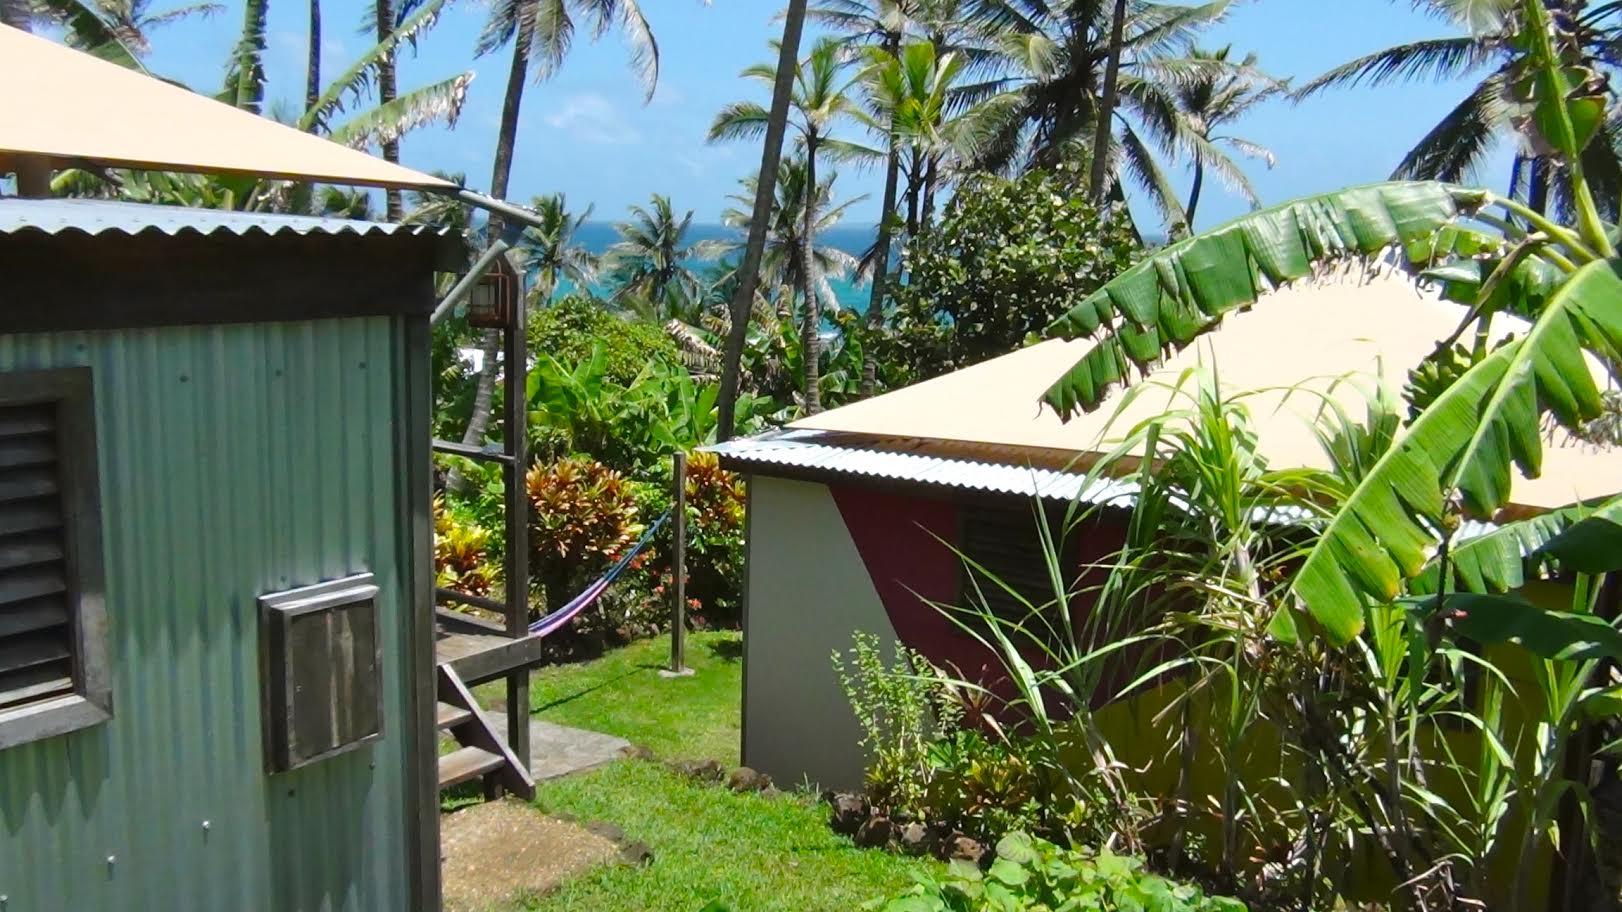 Los Escapados Eco-Cabin 2 gardens